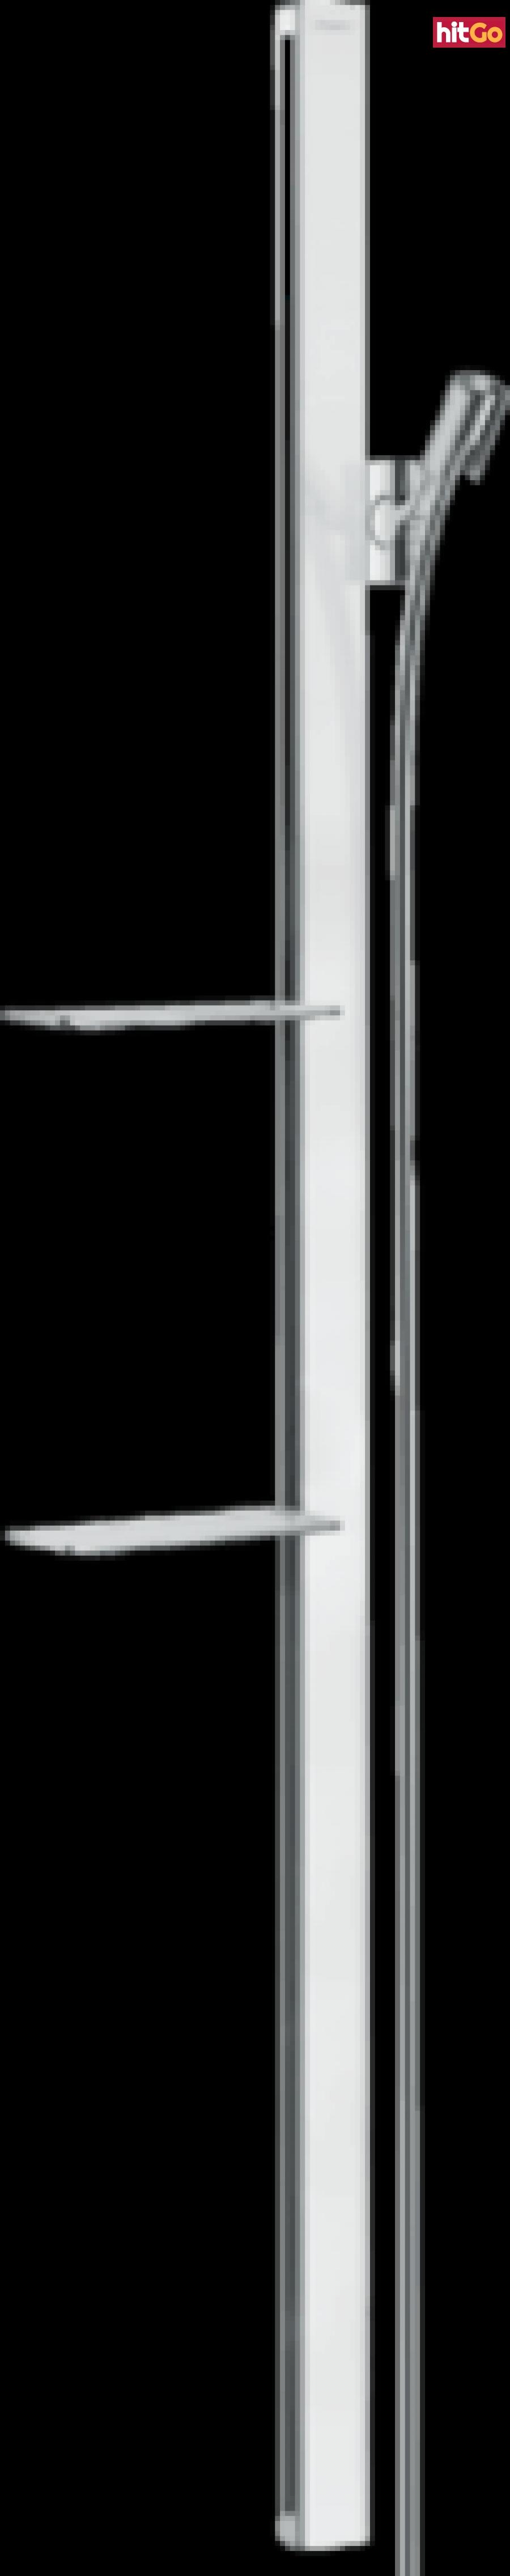 Sprchová tyč Hansgrohe Unica se sprchovou hadicí bílá/chrom 27645400 ostatní bílá